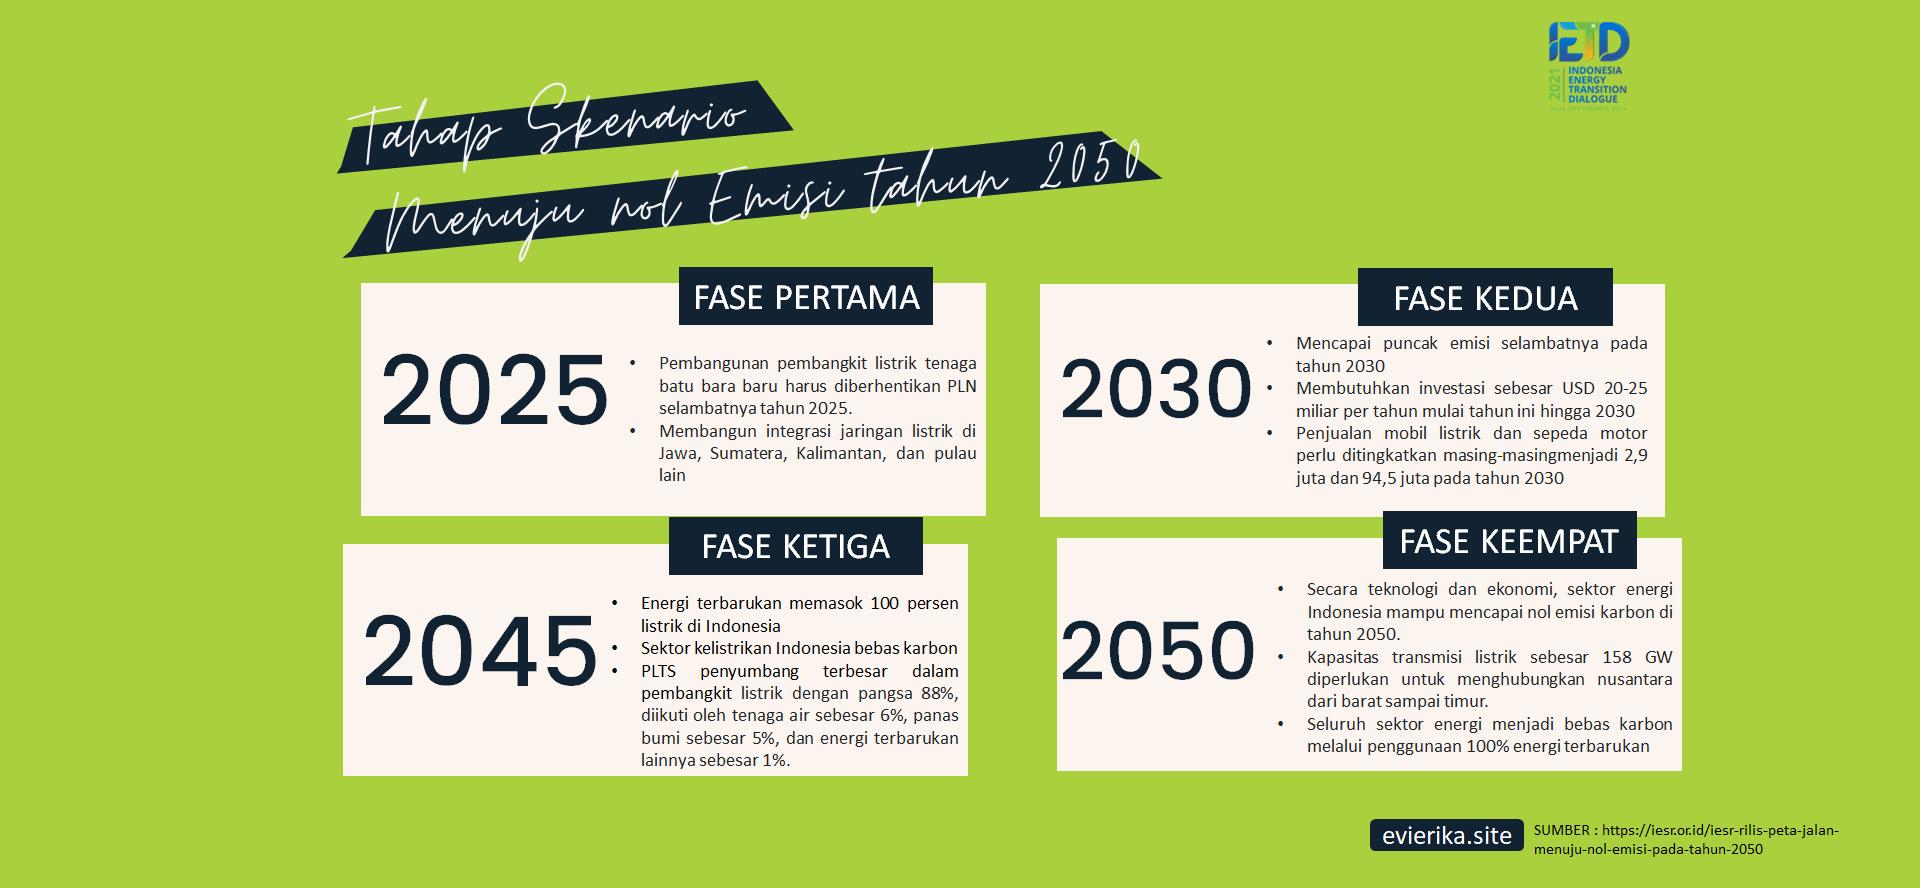 (ifg 2050 pemerintah)